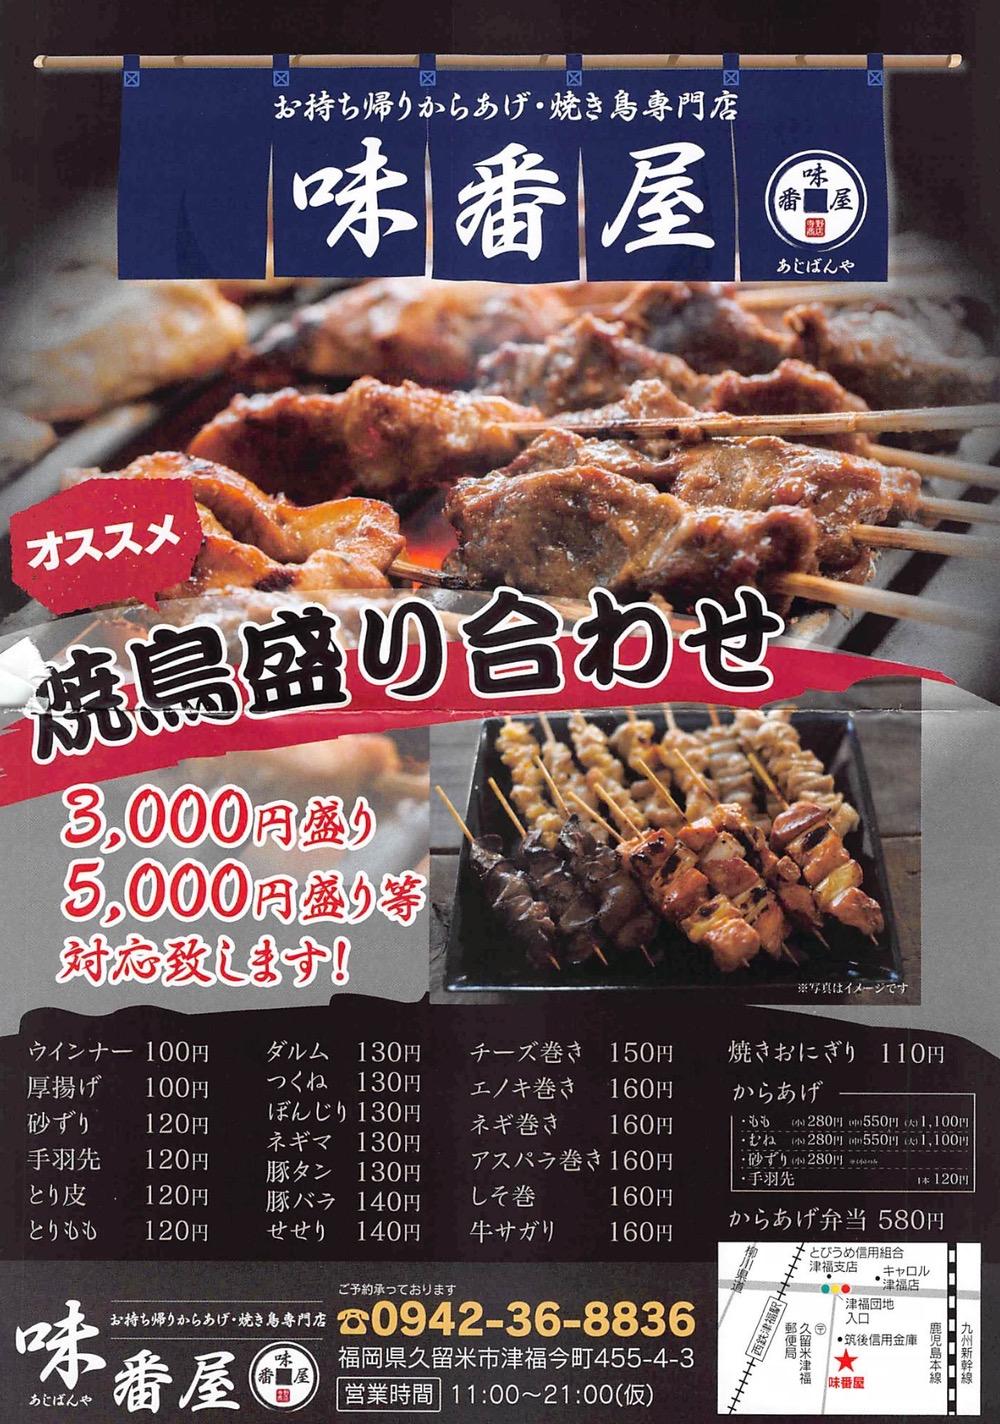 味番屋(あじばんや)久留米市 メニュー表